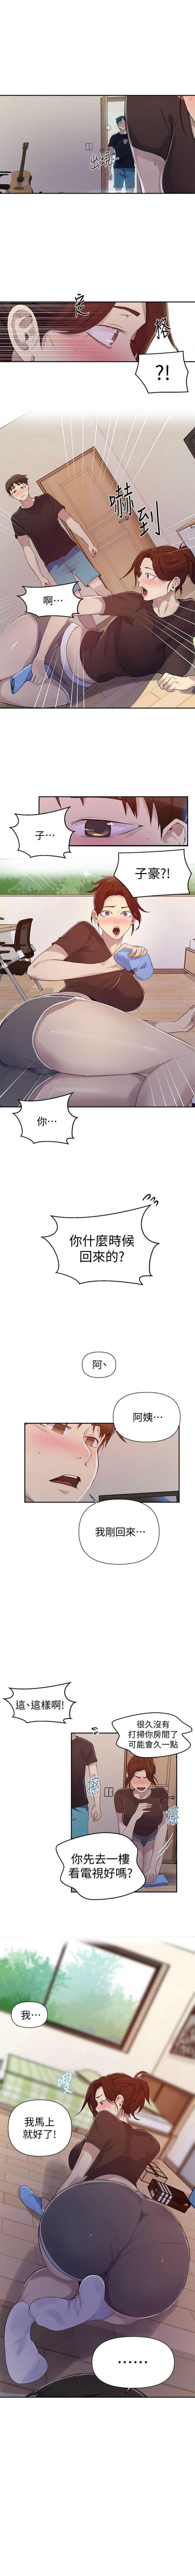 秘密教學  1-69 官方中文(連載中) 498